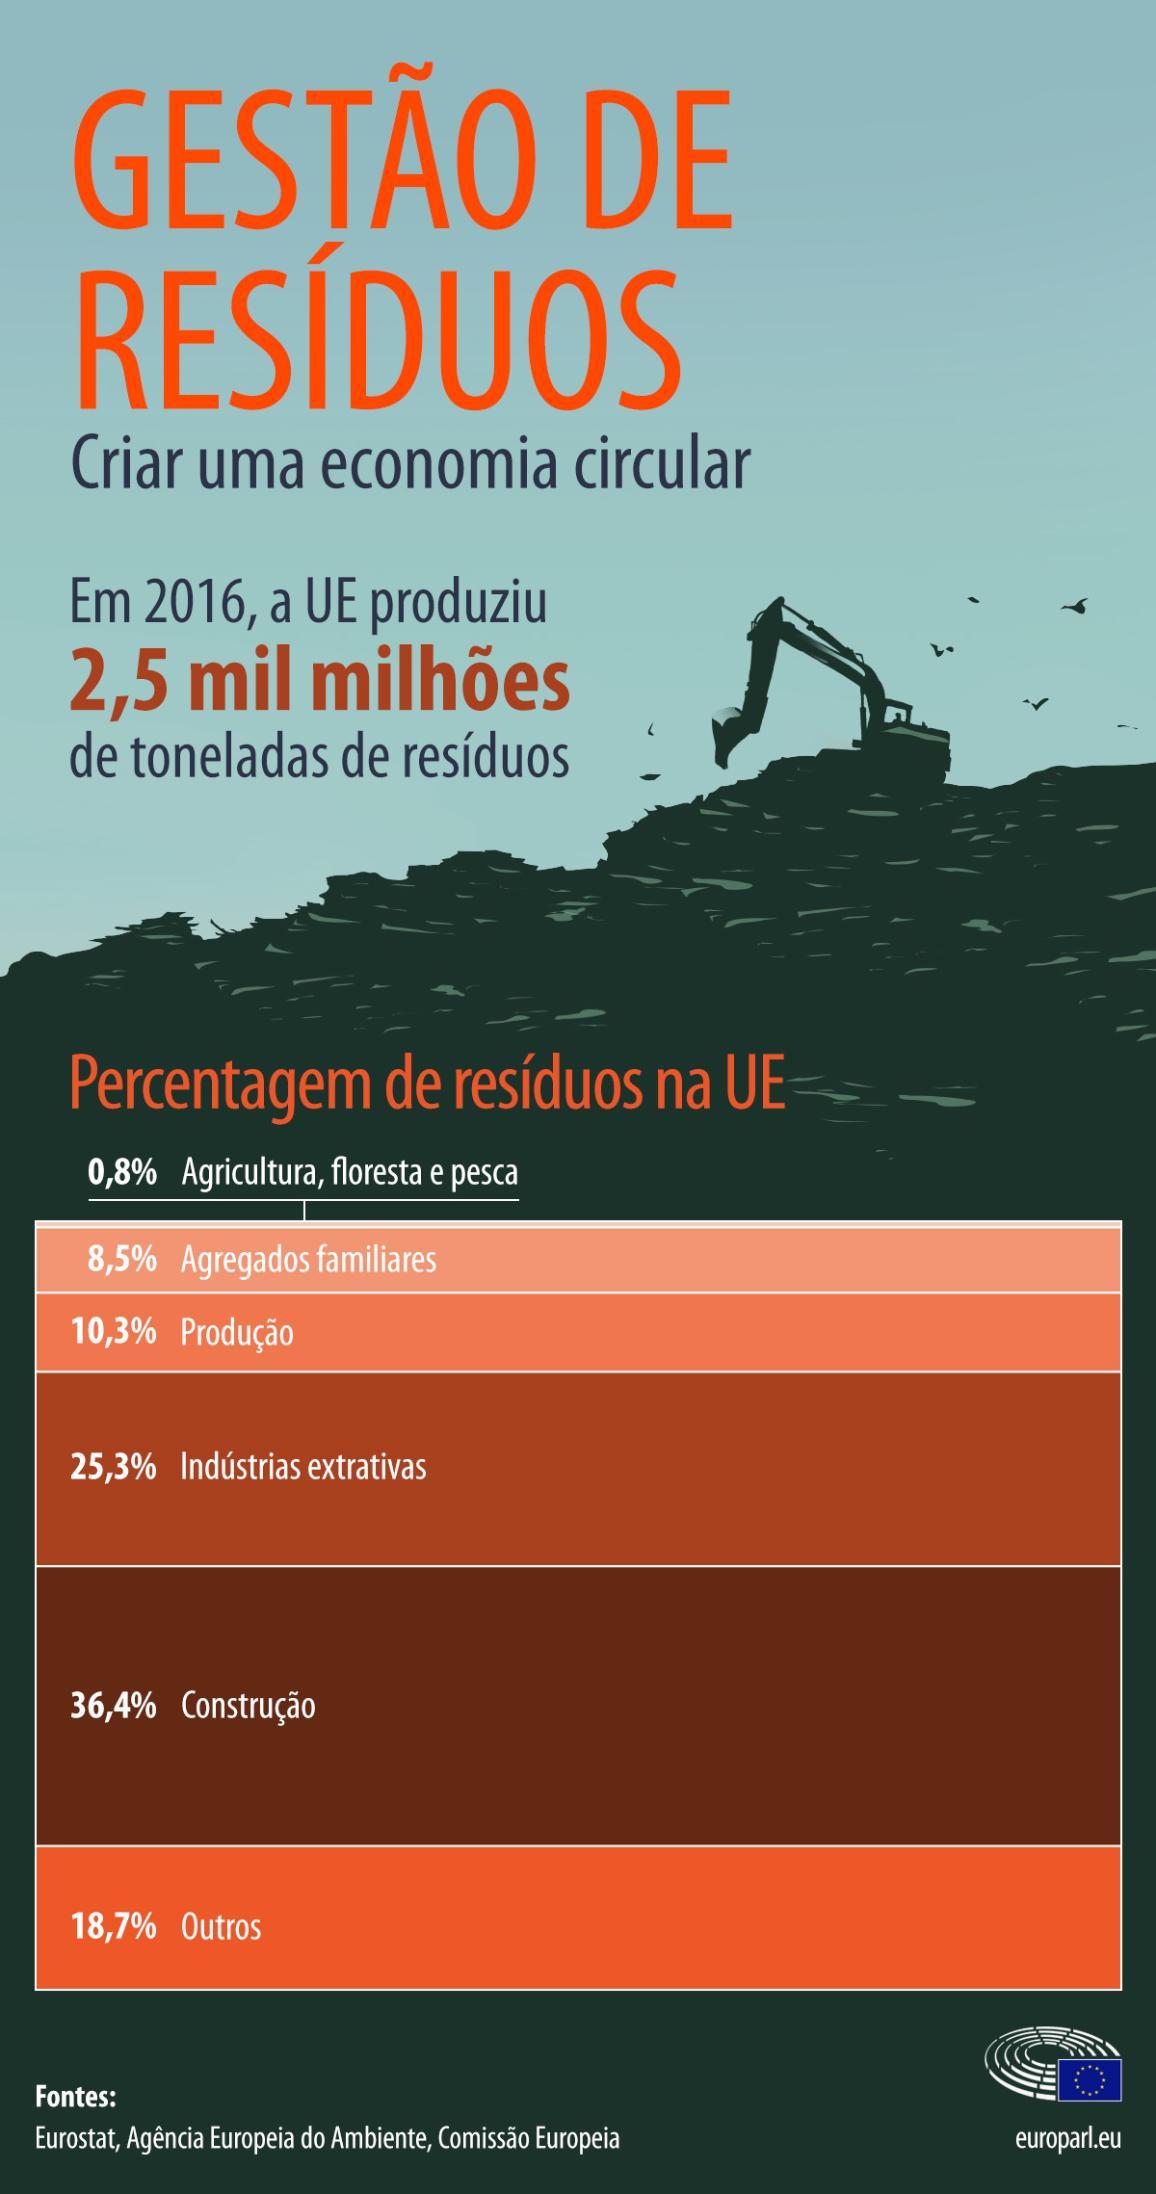 Uma infografia da proporção de resíduos por setor